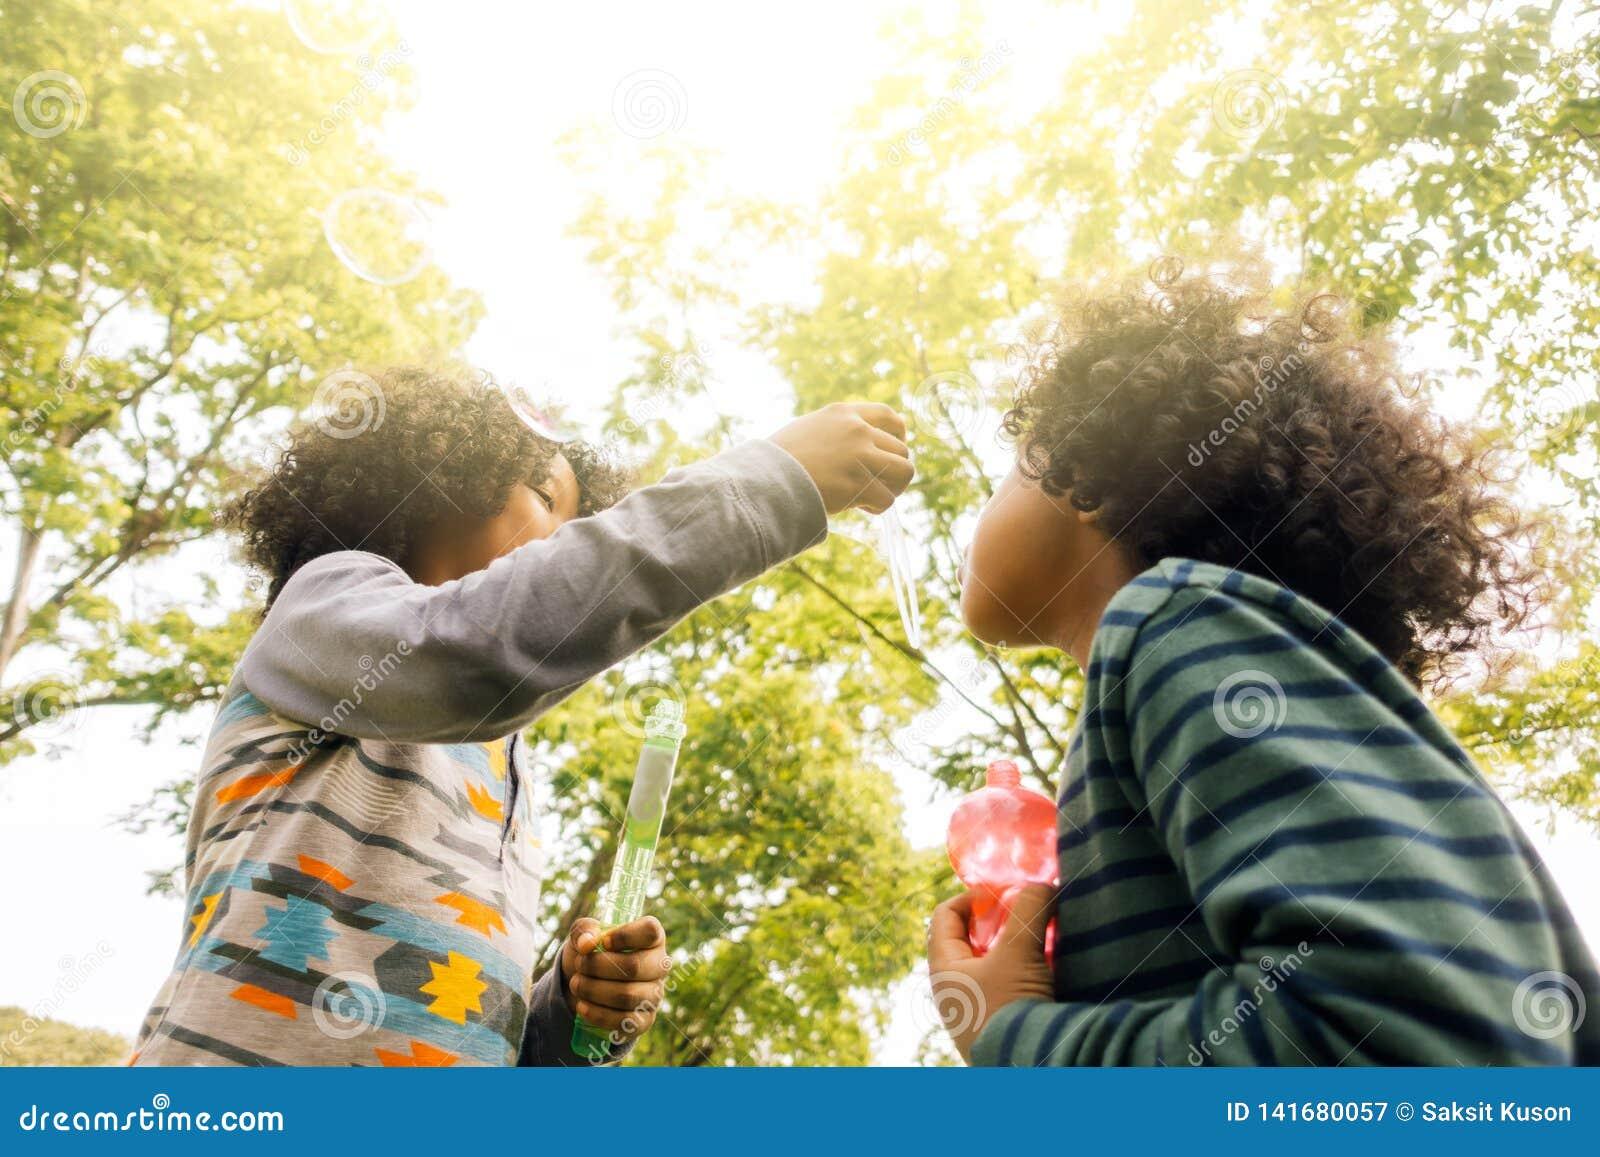 Παιδιά που παίζουν με τους φίλους Παιδιά που παίζουν τις φυσώντας φυσαλίδες